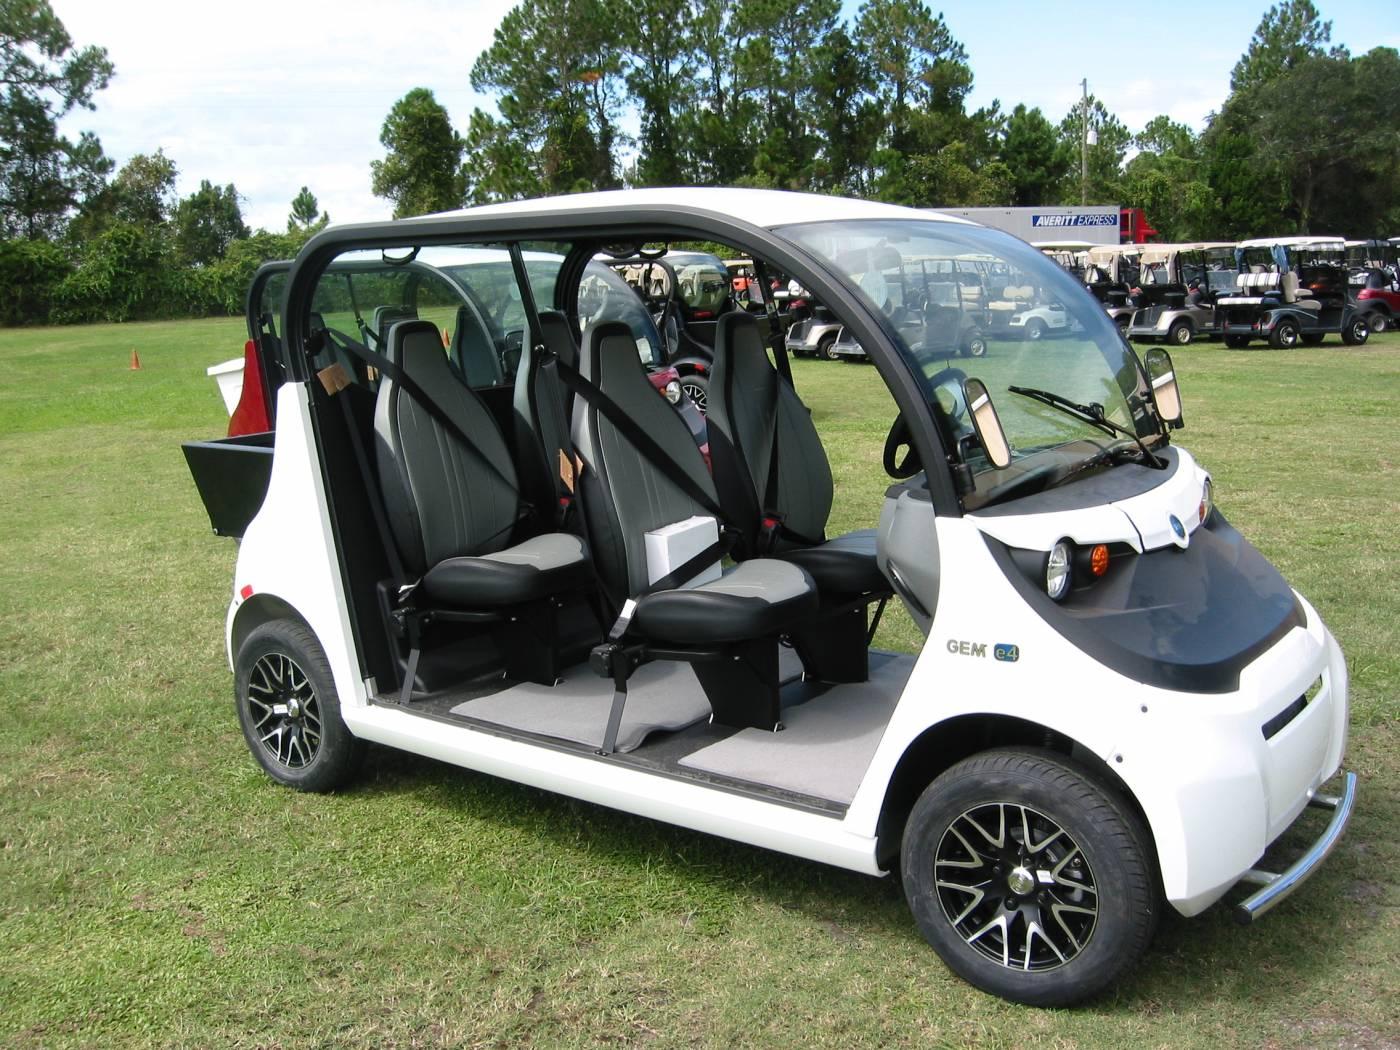 gem golf car wiring diagram gem golf car suspension wiring